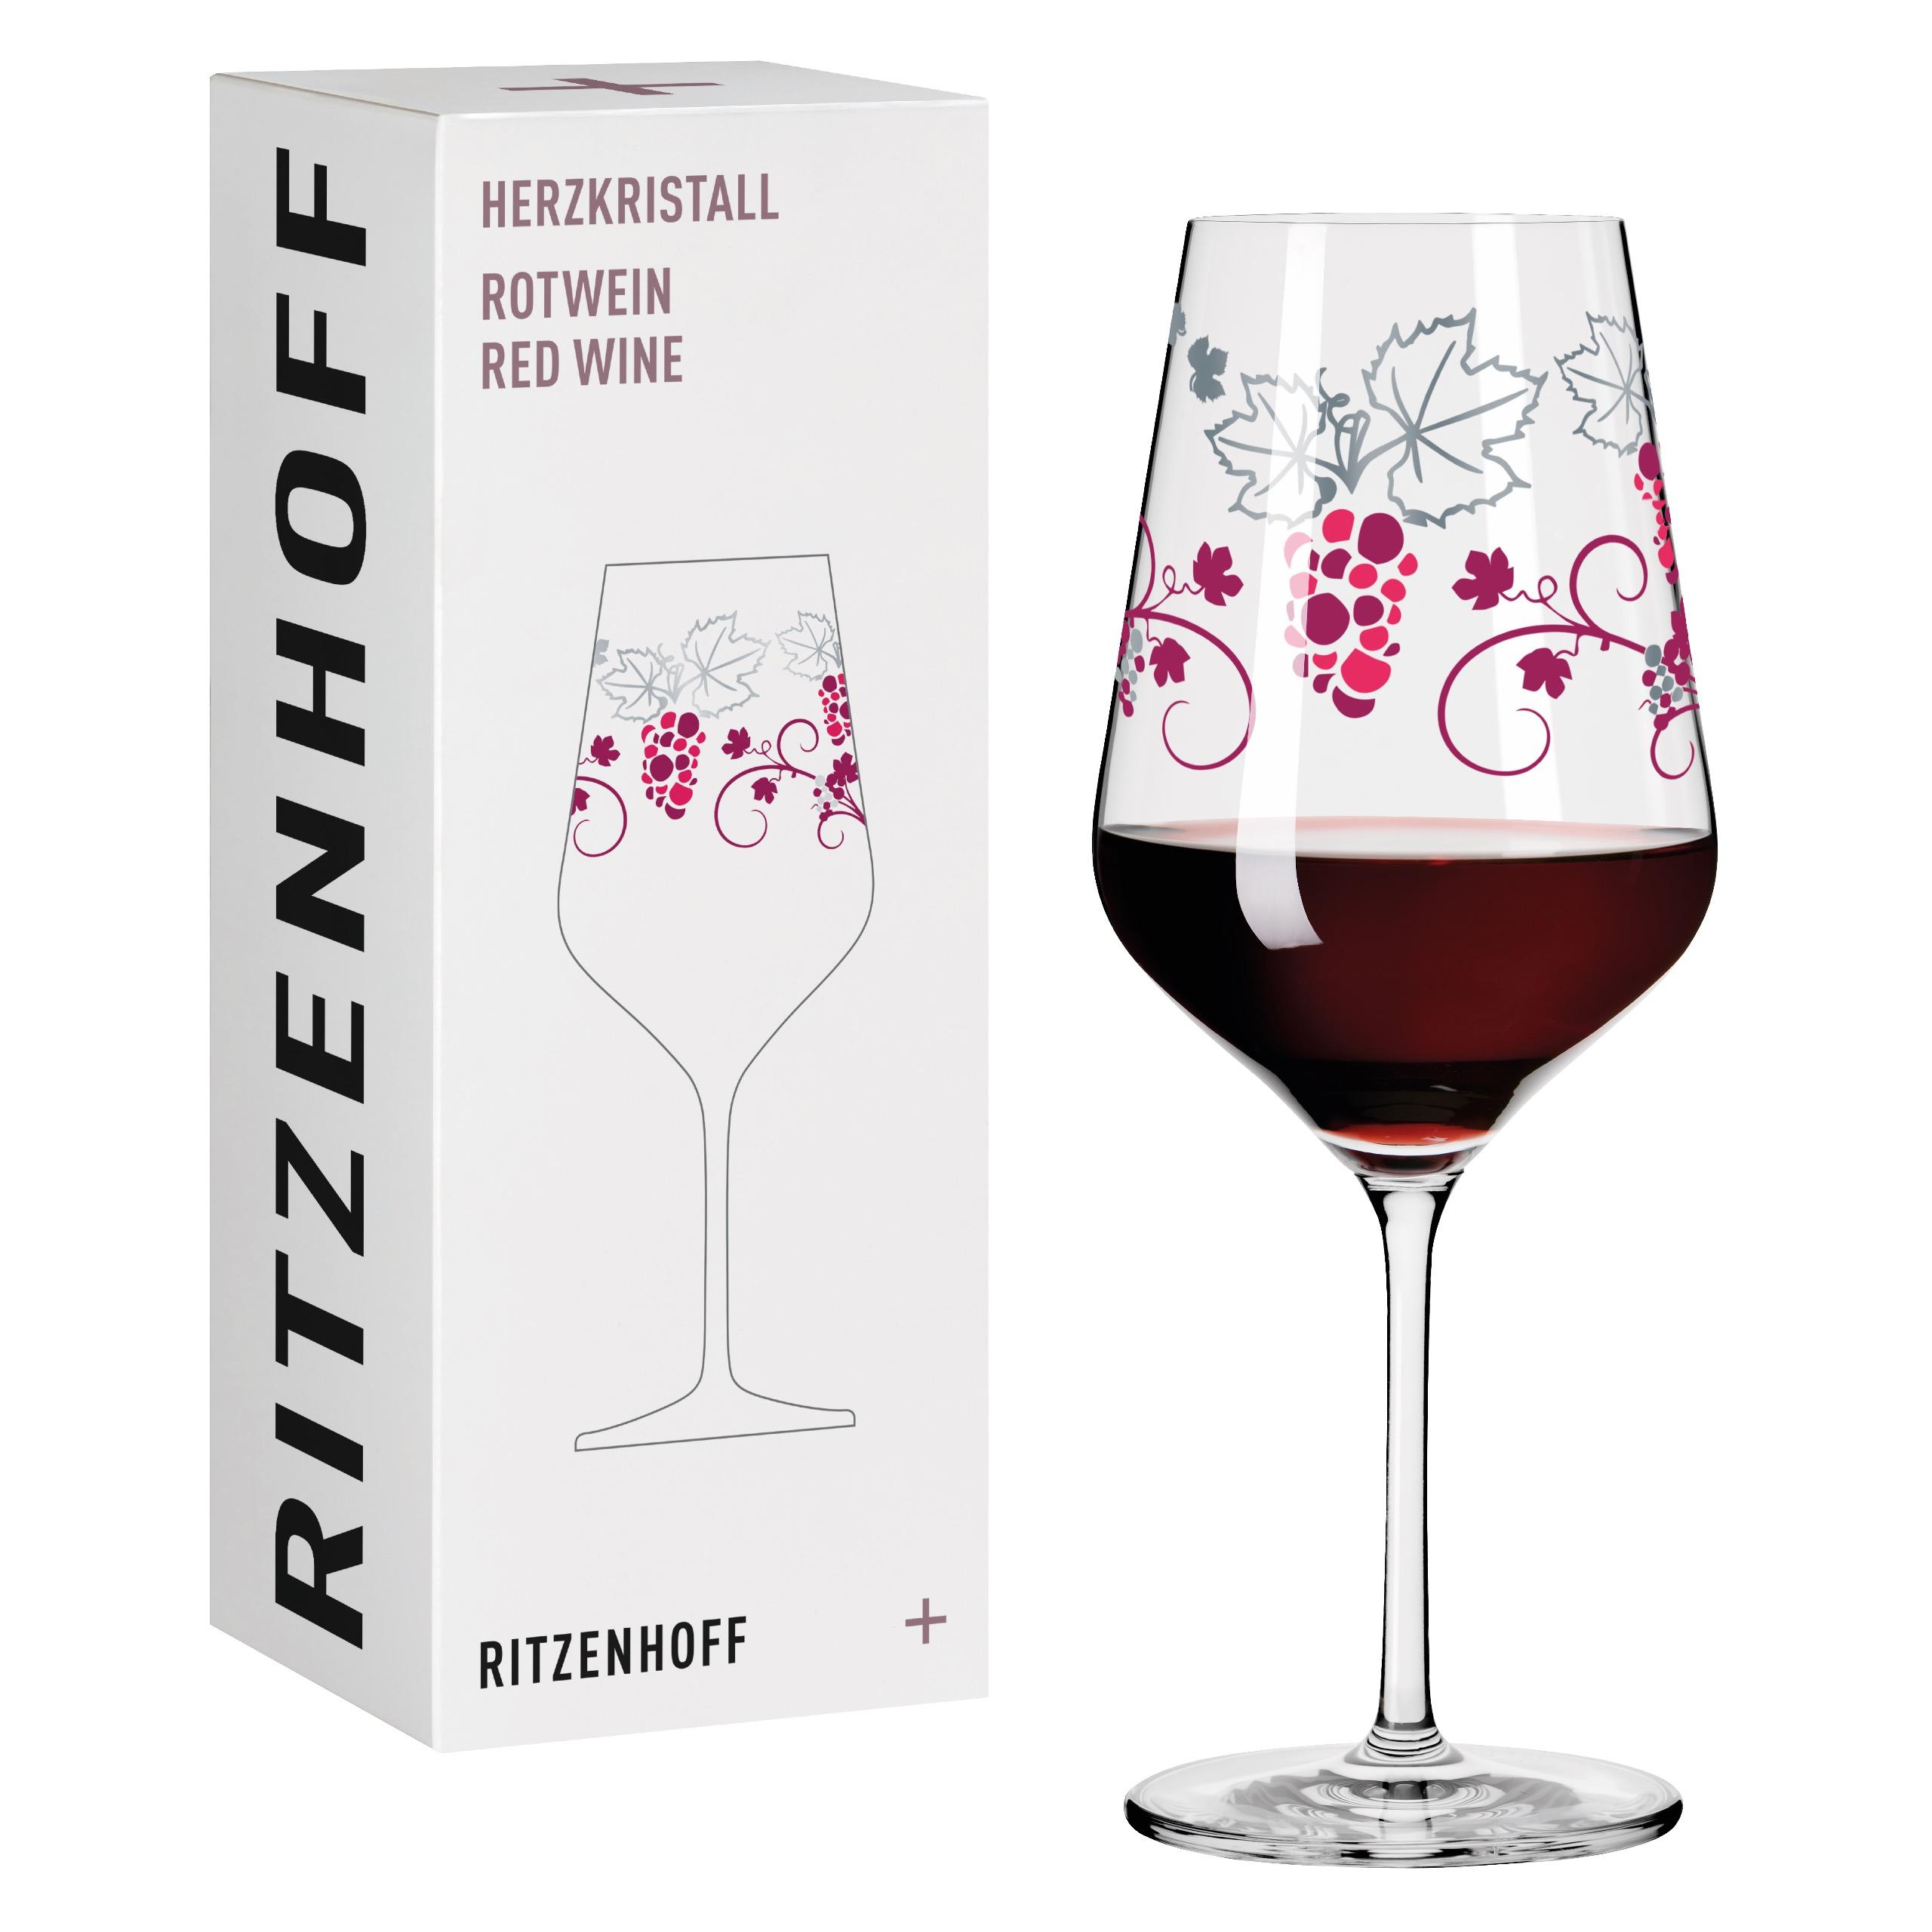 Ritzenhoff Crystal Heart Red Wine Glass Rotwei